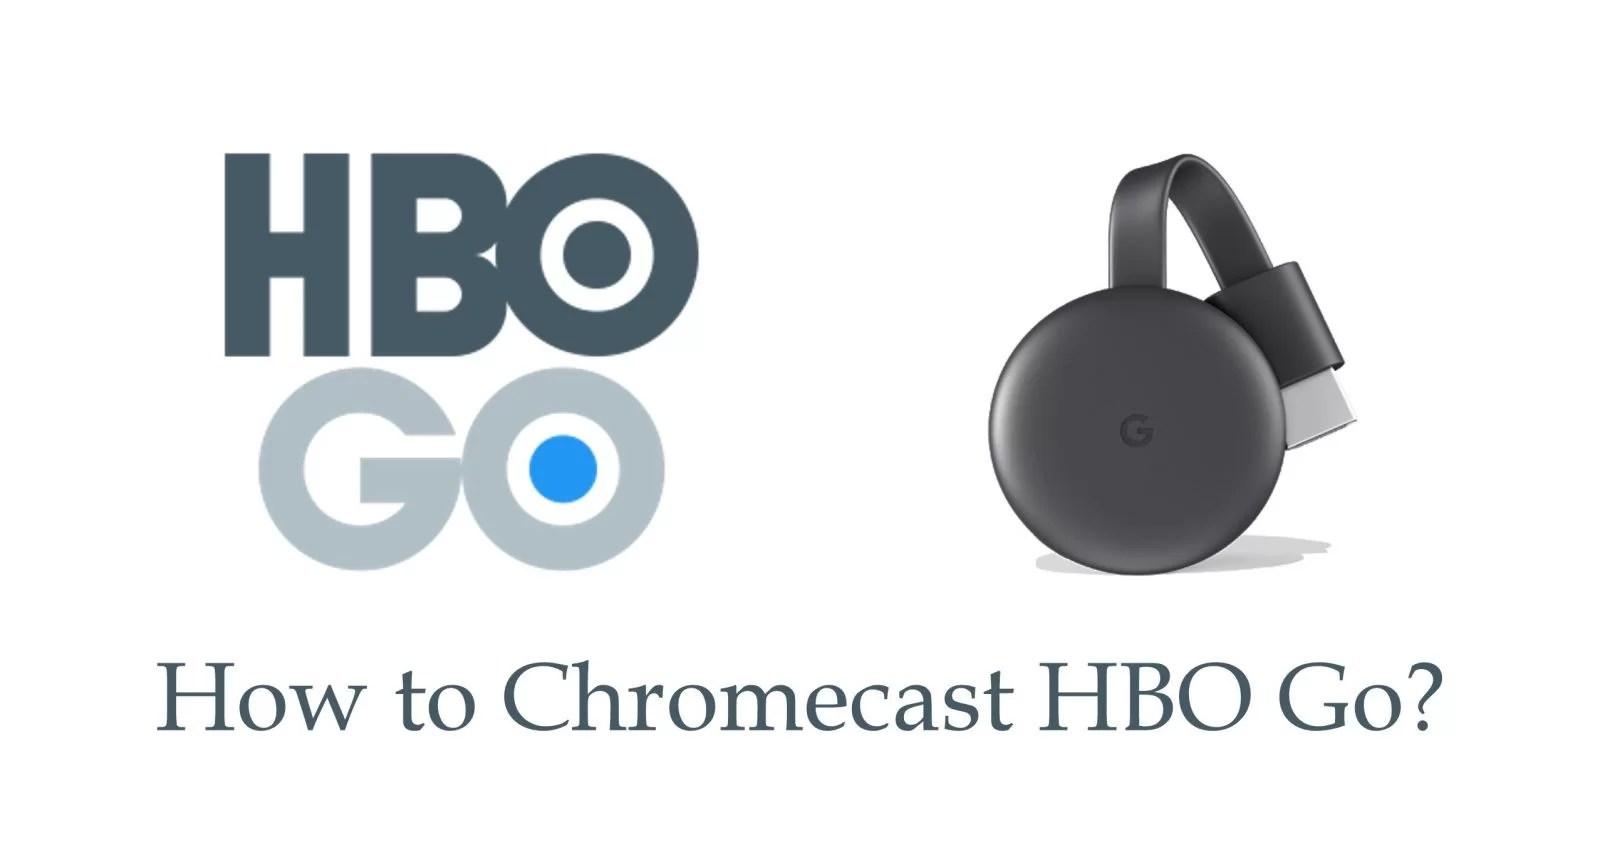 How to Chromecast HBO Go to TV? [2019] - Chromecast Apps Tips